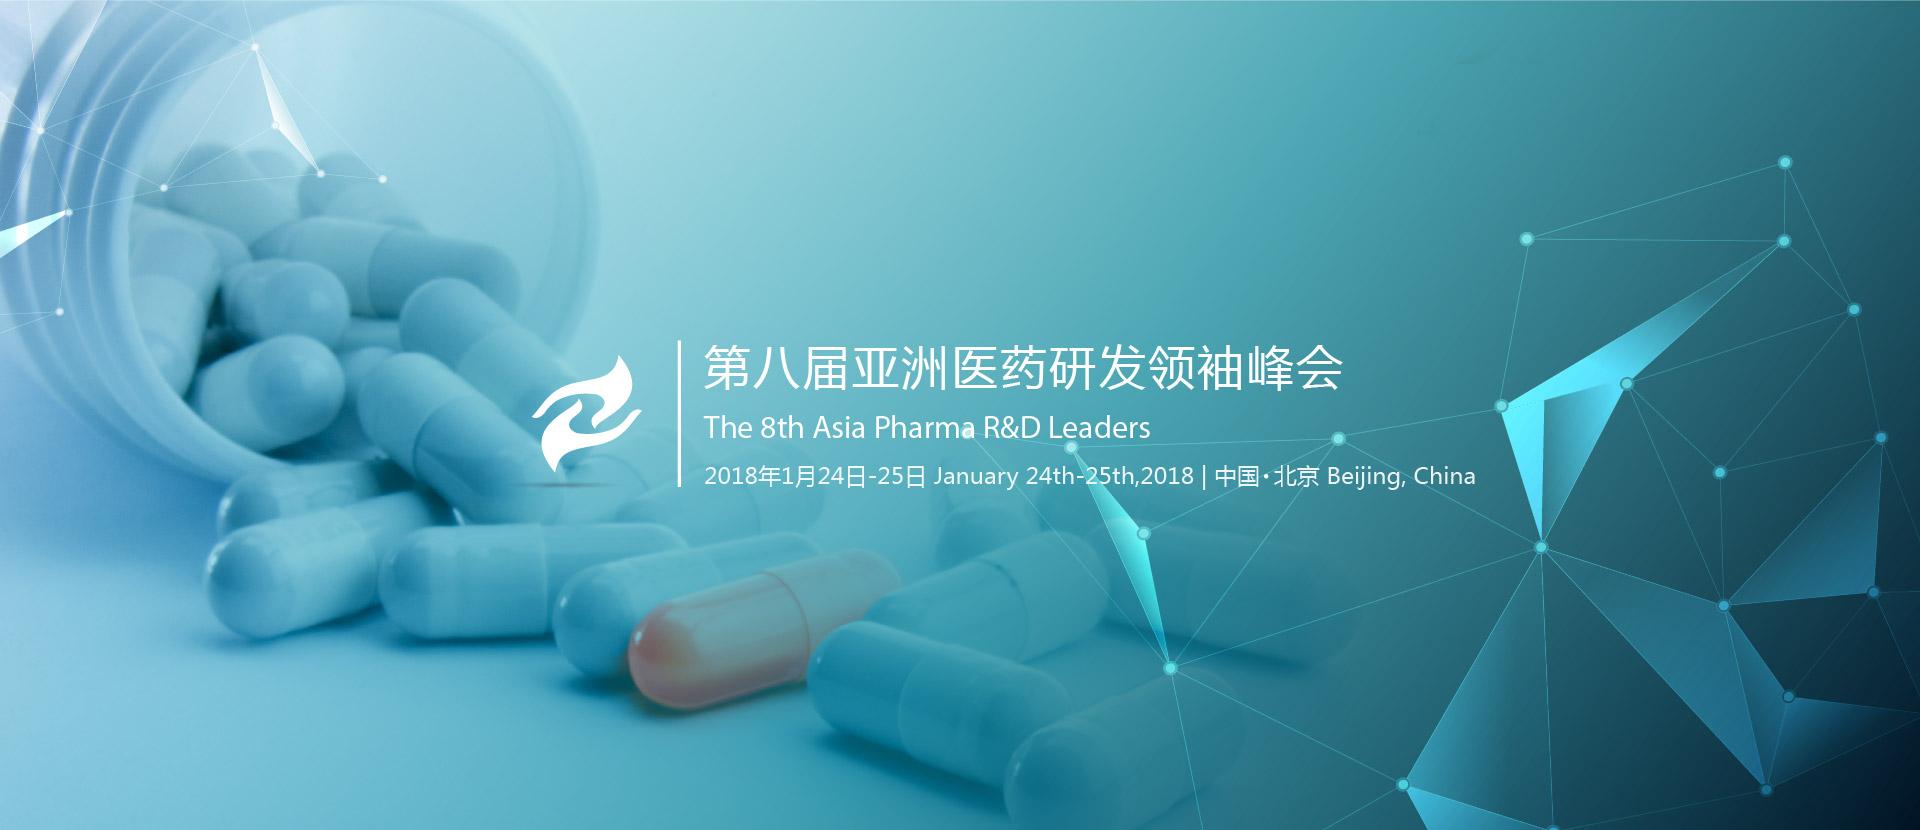 海报2(医药与医疗)